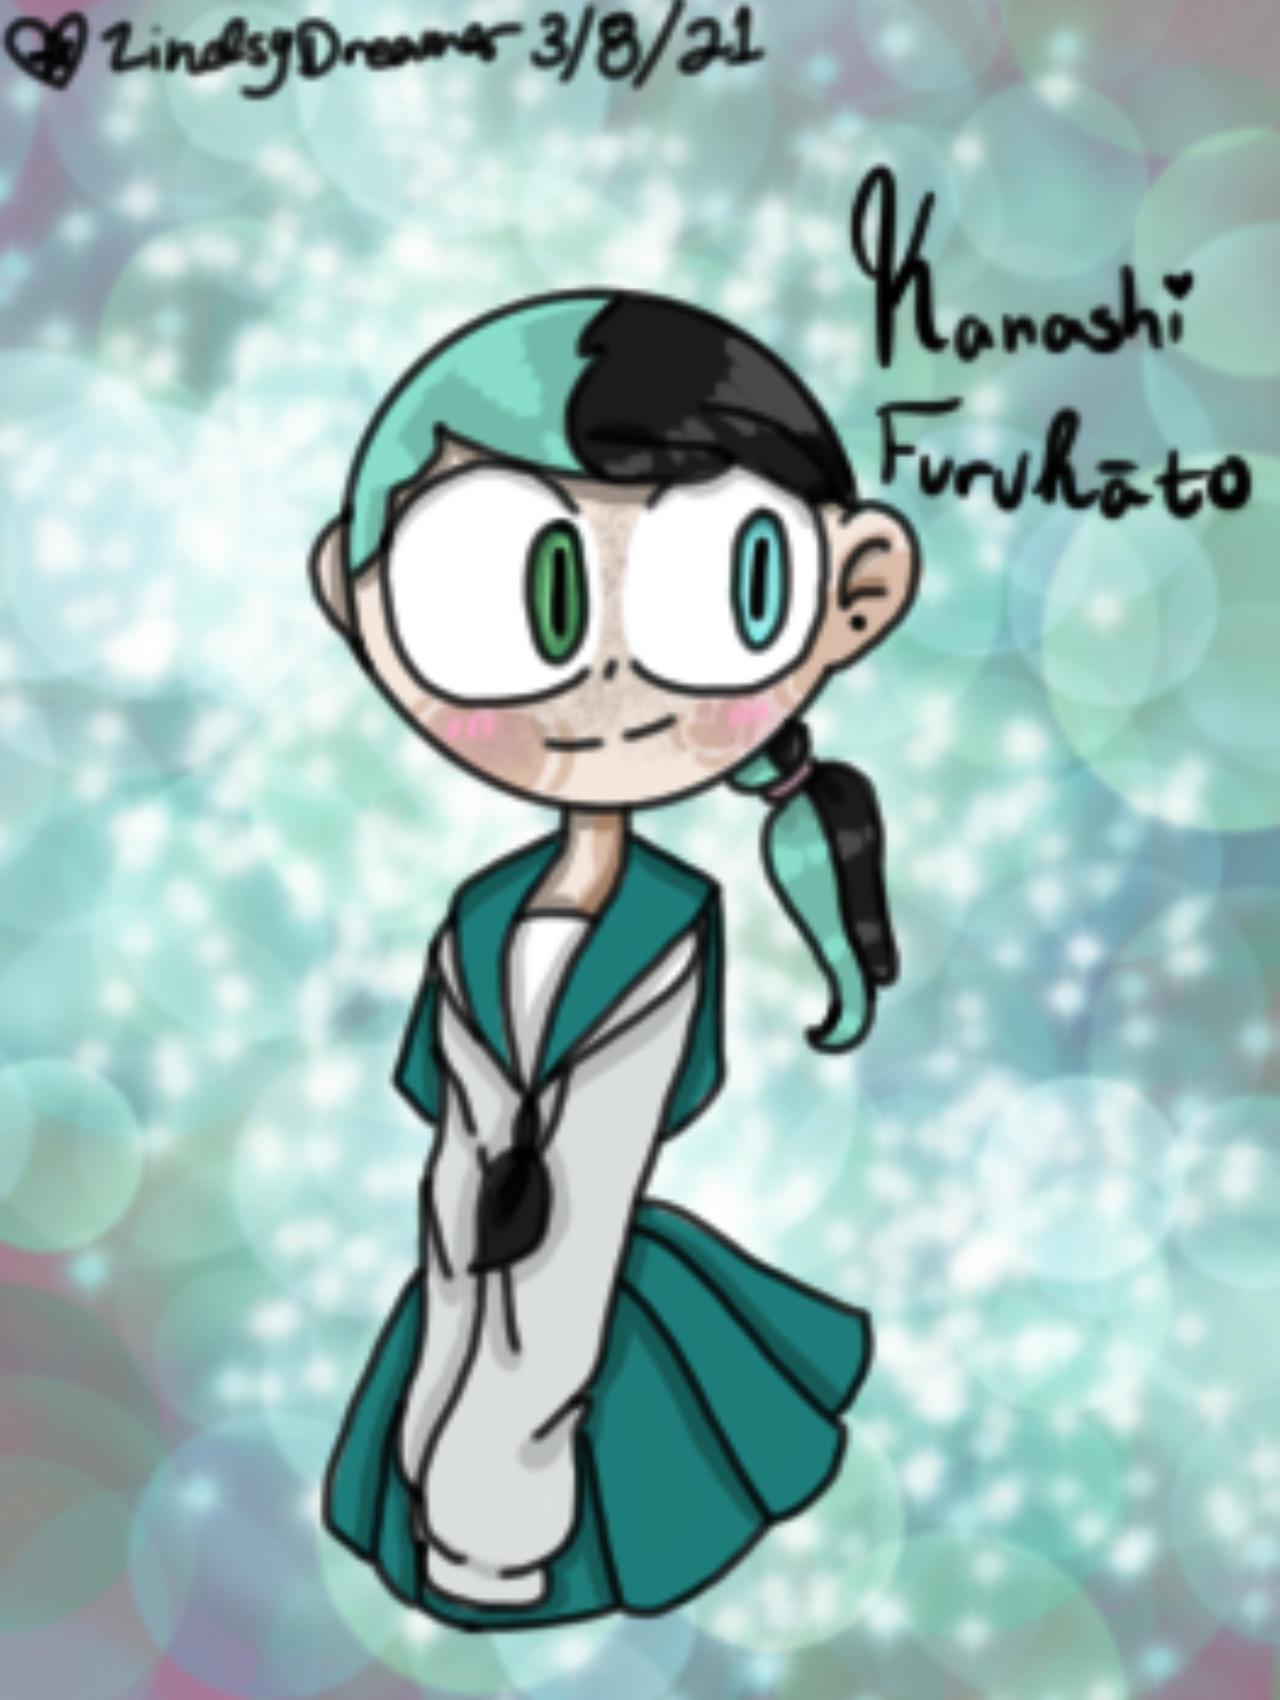 Kanashi Furuhato